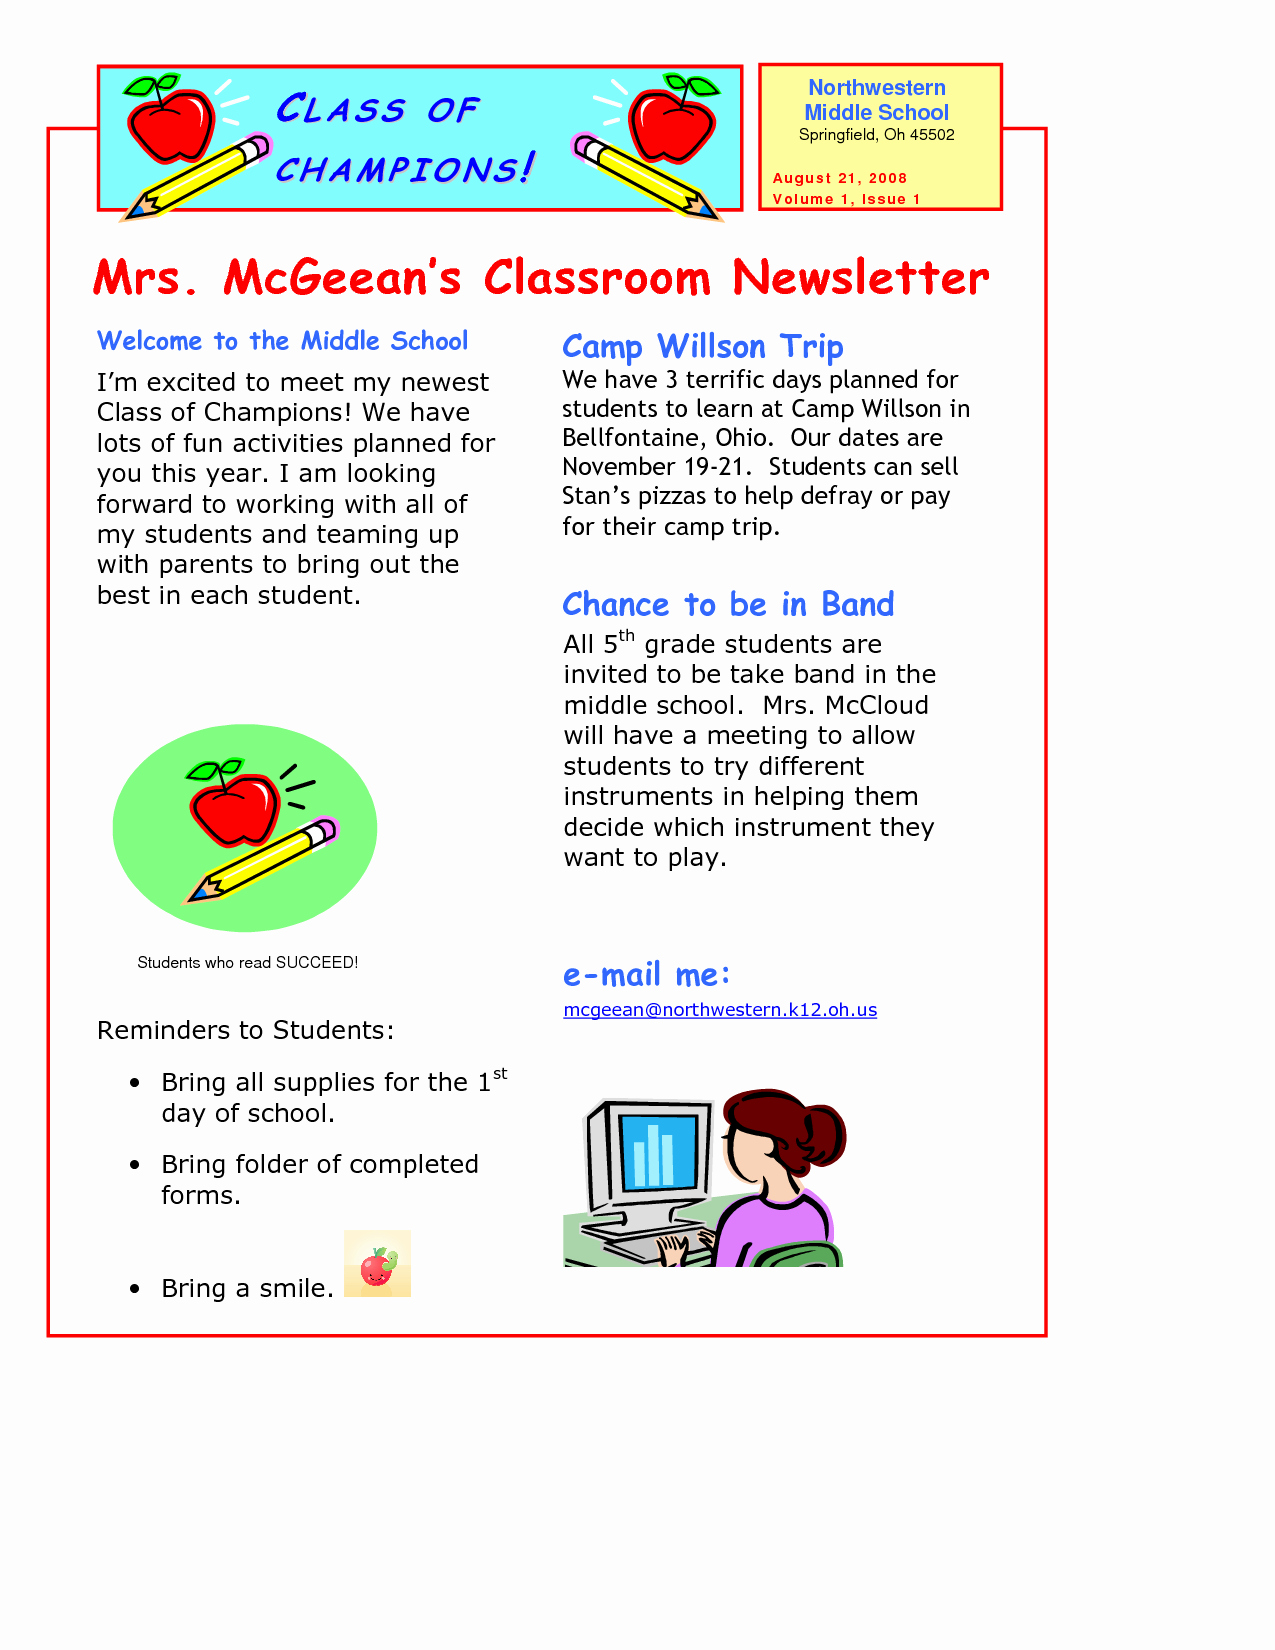 Elementary School Newsletter Template Inspirational Classroom Newsletter Template